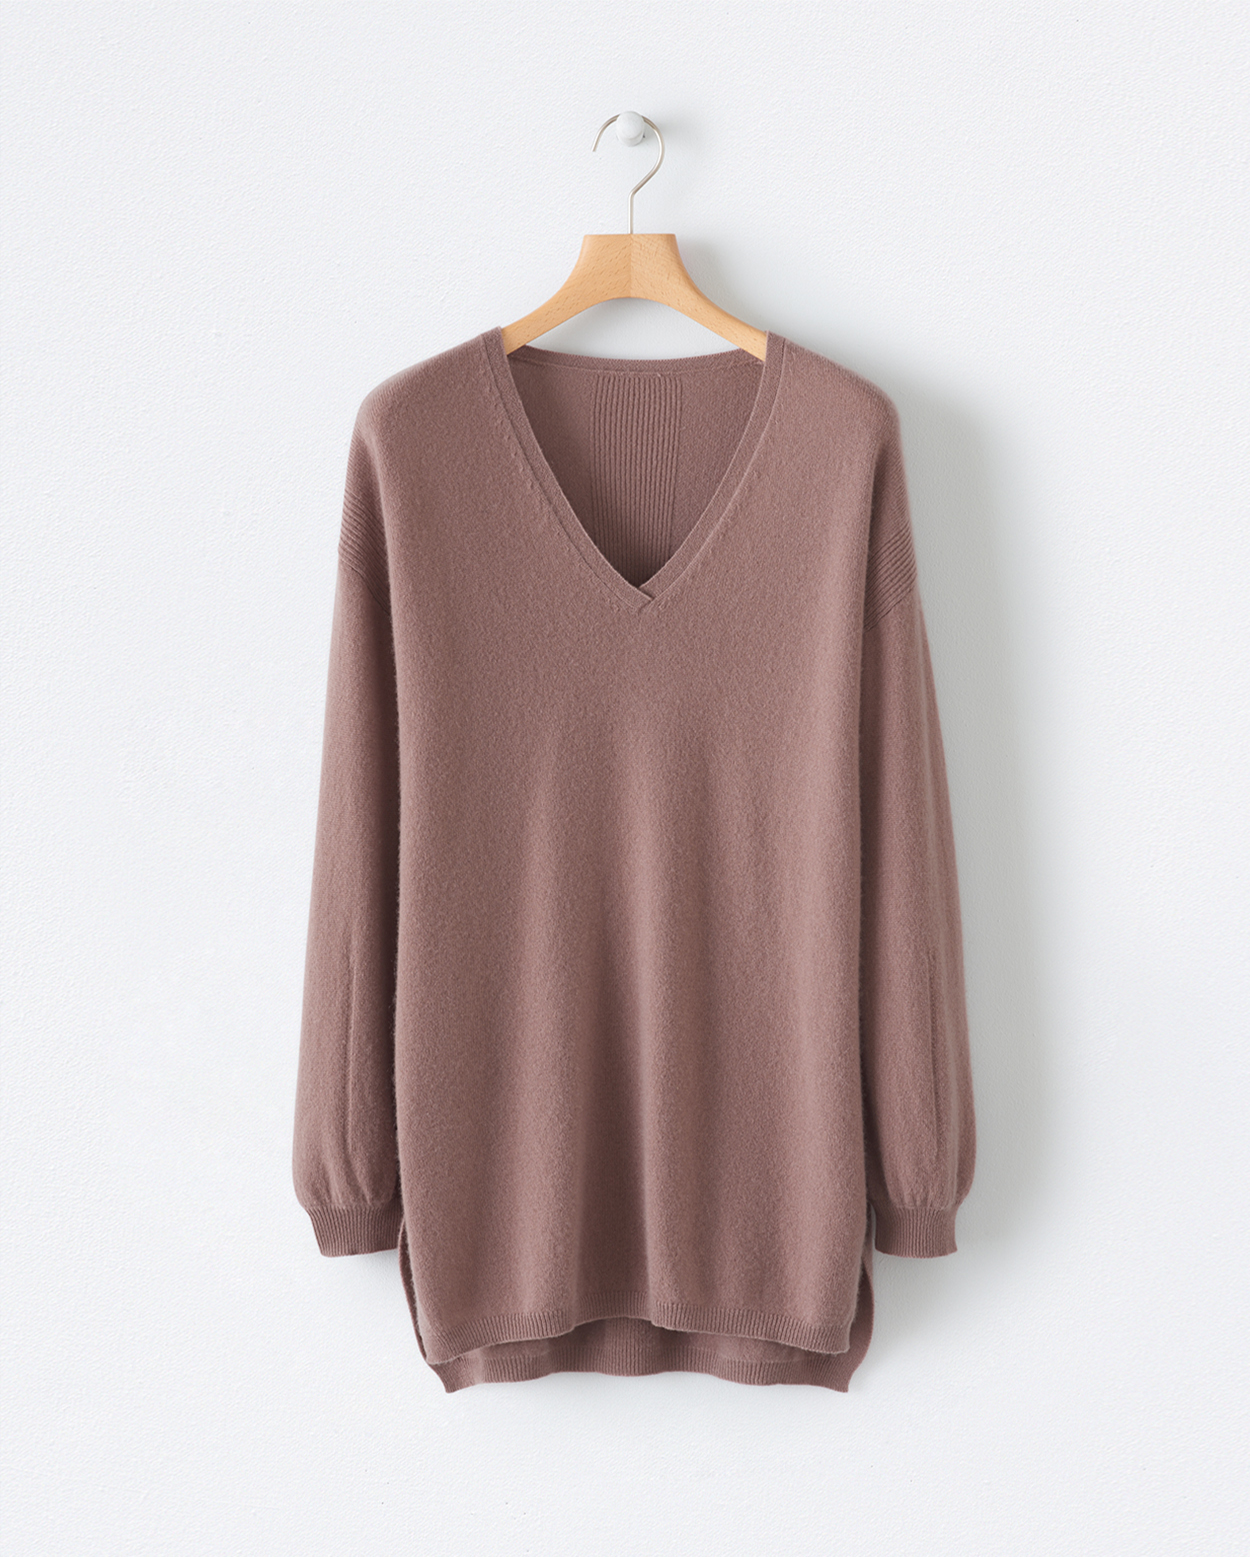 Suchergebnis auf für: Pullover mit Perlen Pink